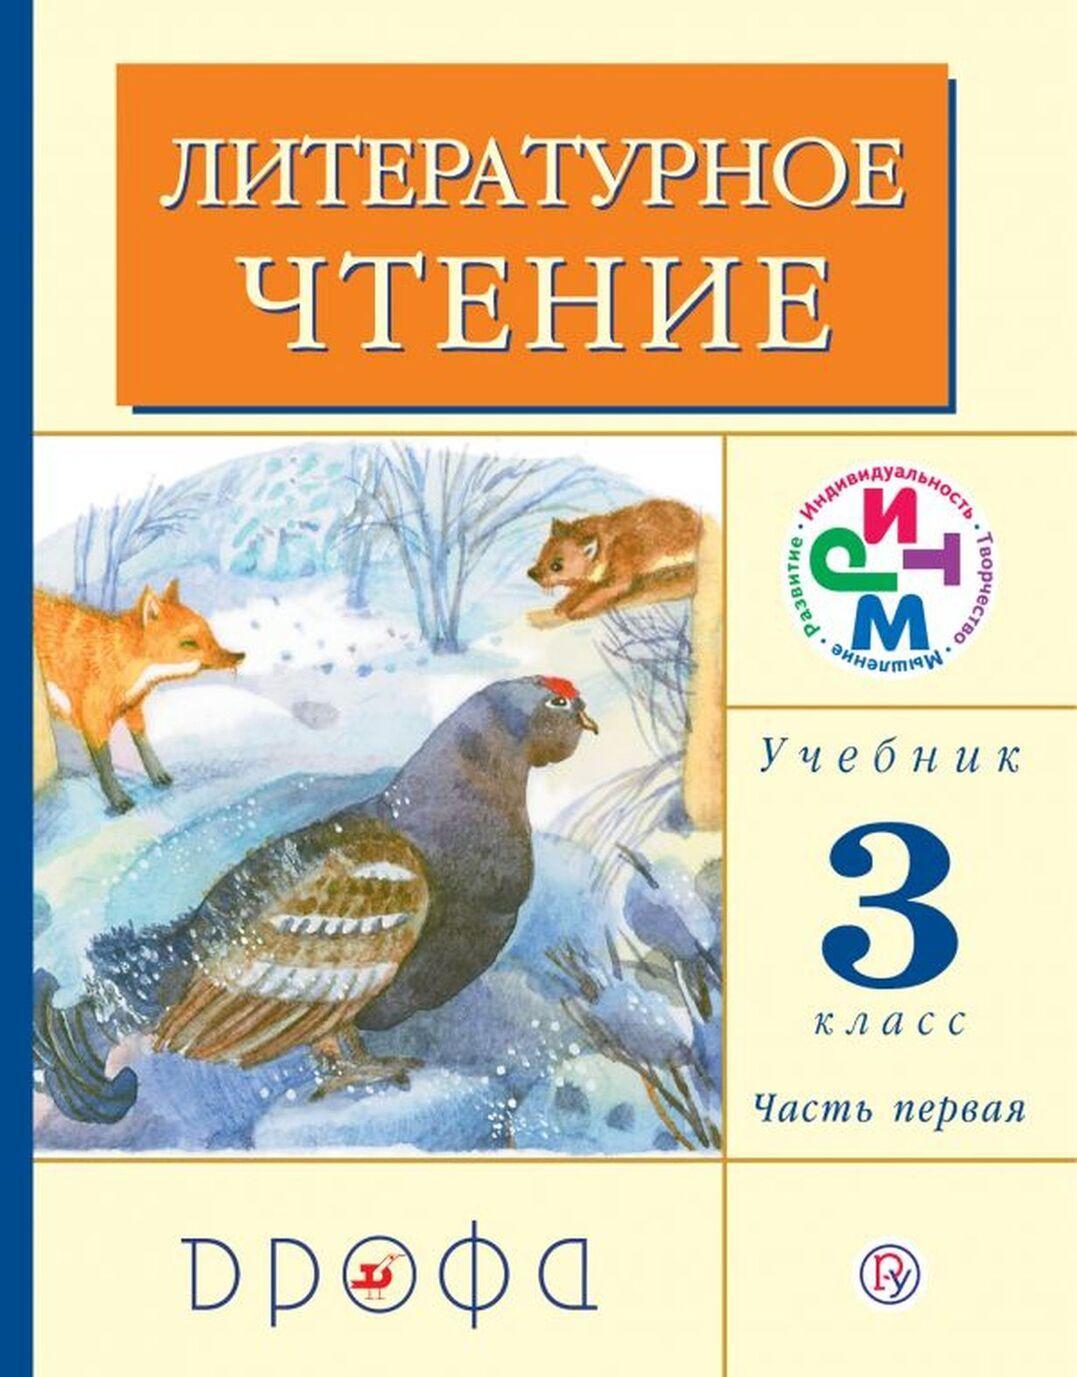 Literaturnoe chtenie. 3 klass. Uchebnik. V 2-kh chastjakh. Chast 1 | Grekhneva Galina Mikhajlovna, Korepova Klara Evgenevna